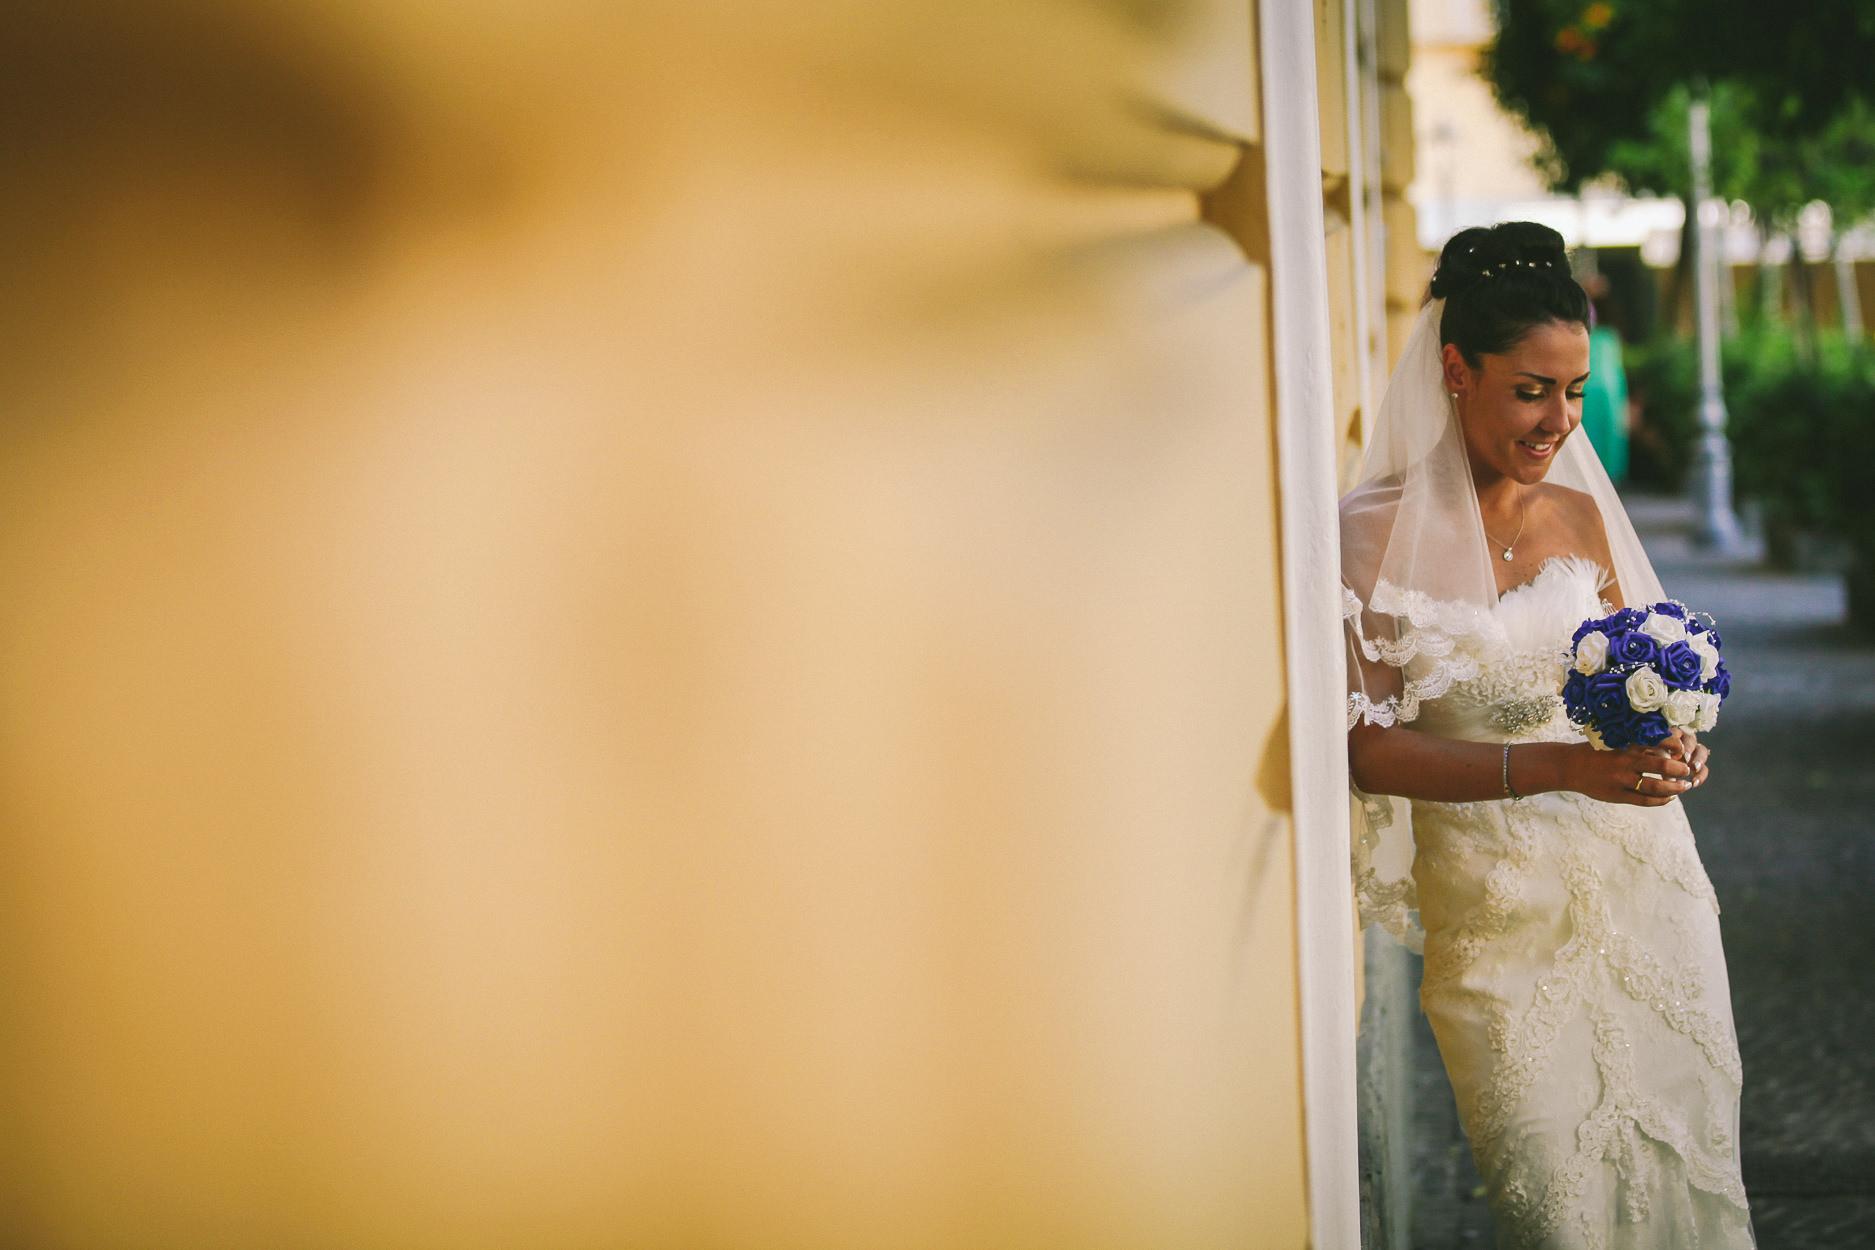 English-Wedding-Photographer-Photography-Sorrento-Italy-Documentary-wedding-photography-13